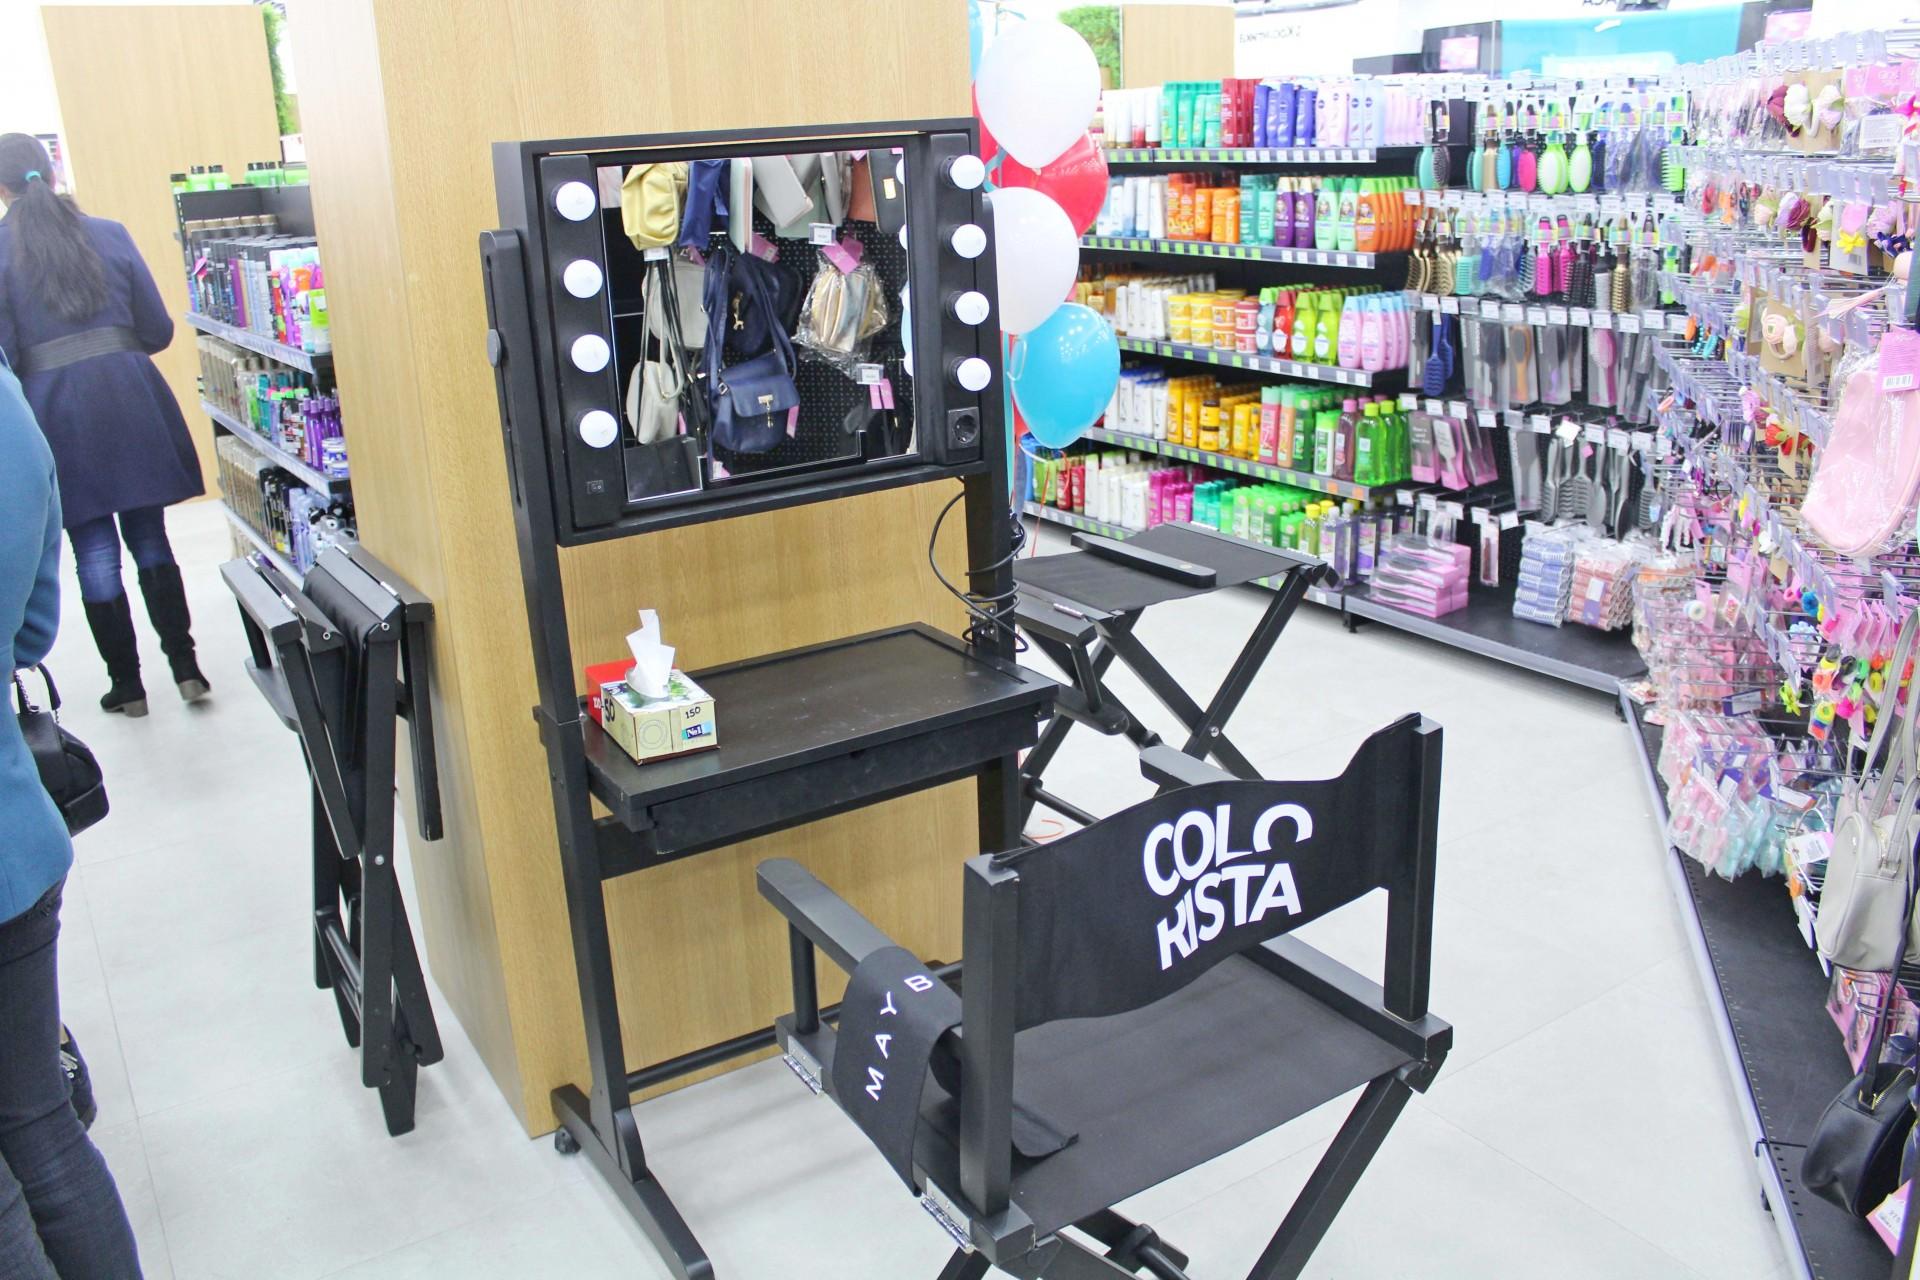 Make-up студия в магазине beauty-формата Watsons, Киев